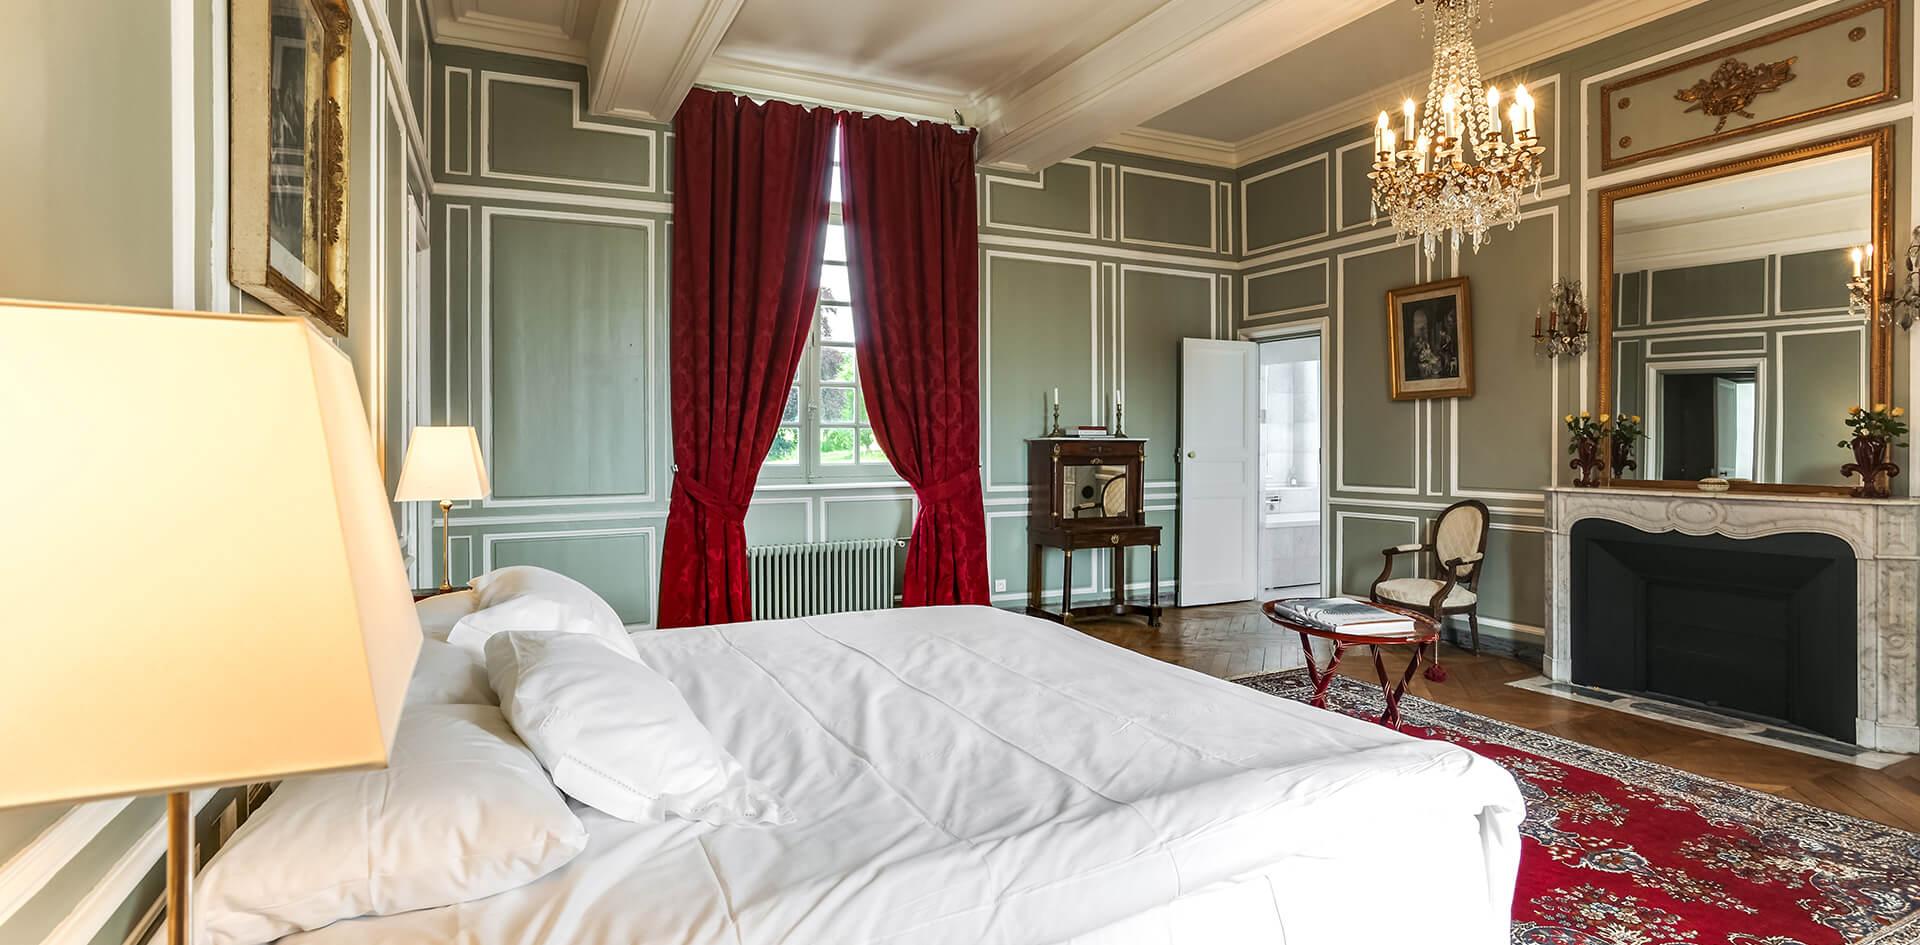 Suite luxieuse avec un lit king size